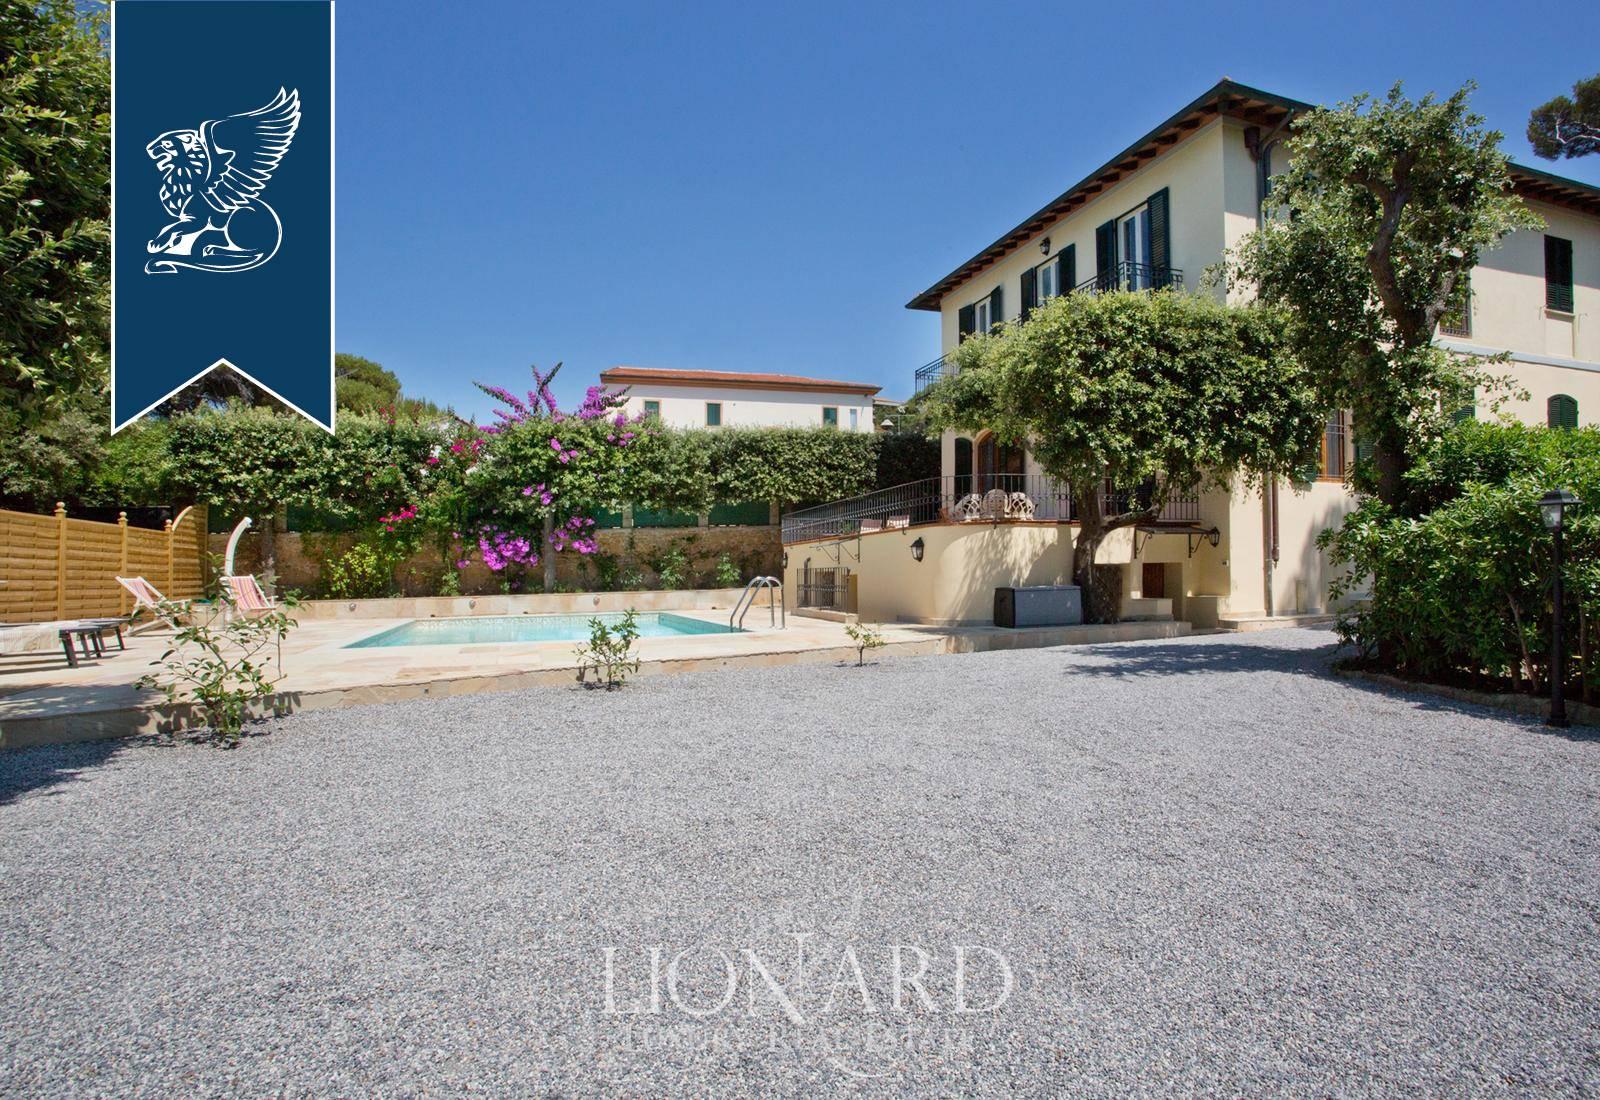 Villa in Vendita a Rosignano Marittimo: 0 locali, 340 mq - Foto 7